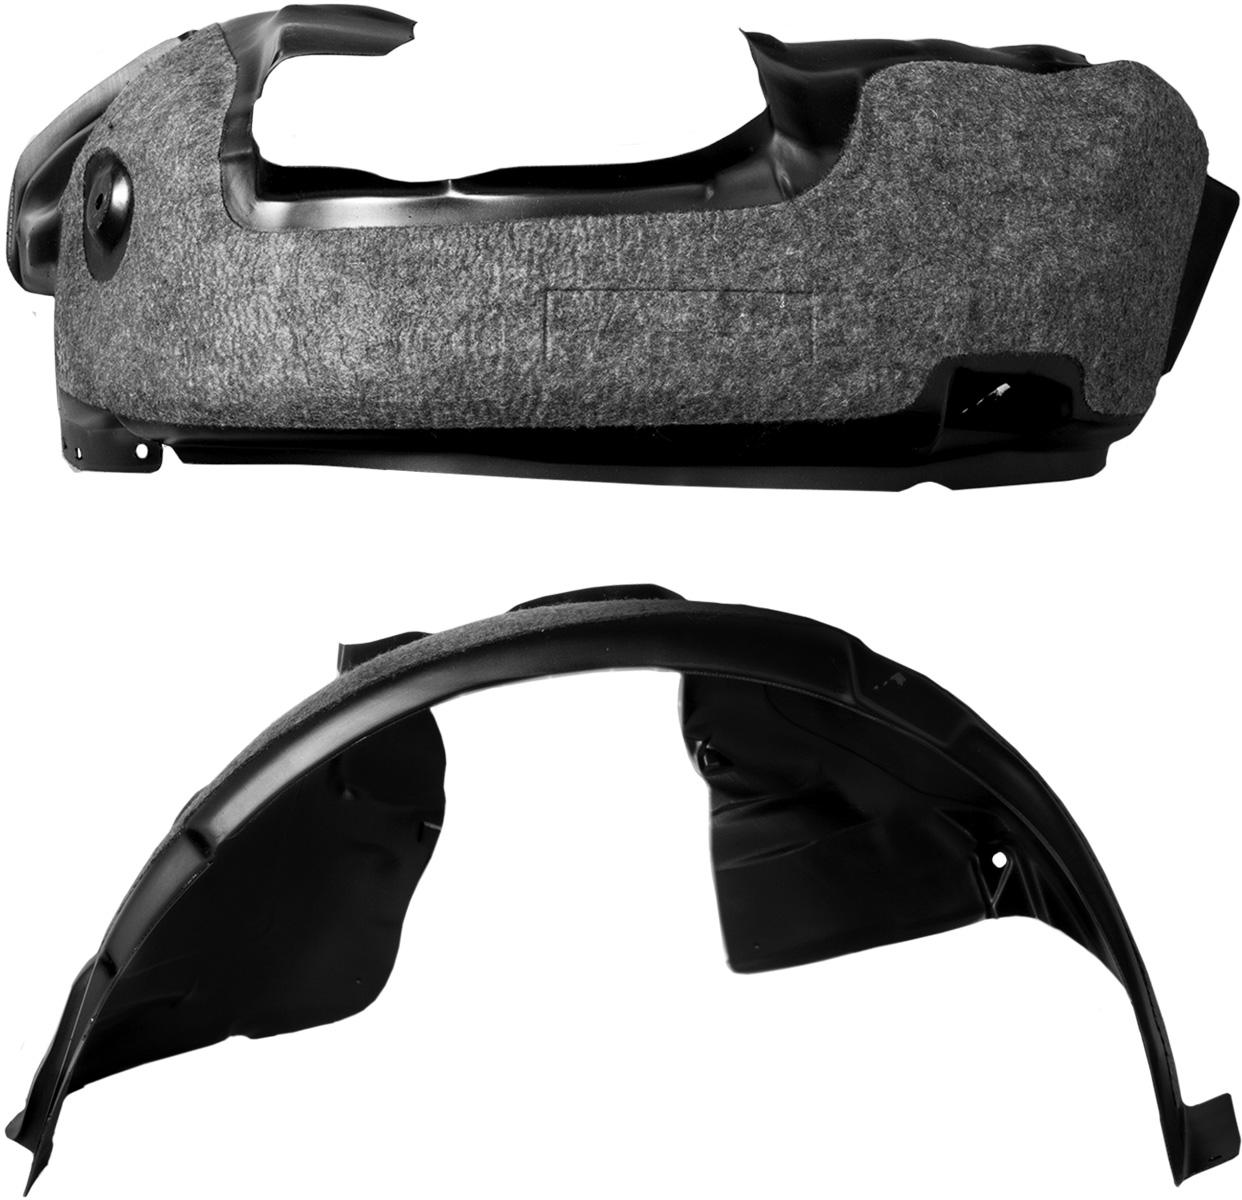 Подкрылок с шумоизоляцией Novline-Autofamily, для Peugeot Boxer, 08/2014 ->, без расширителей арок (передний правый)VCA-00Подкрылок с шумоизоляцией - революционный продукт, совмещающий в себе все достоинства обычного подкрылка, и в то же время являющийся одним из наиболее эффективных средств борьбы с внешним шумом в салоне автомобиля. Подкрылки бренда Novline-Autofamily разрабатываются индивидуально для каждого автомобиля с использованием метода 3D-сканирования.В качестве шумоизолирующего слоя применяется легкое синтетическое нетканое полотно толщиной 10 мм, которое отталкивает влагу, сохраняет свои шумоизоляционные свойства на протяжении всего периода эксплуатации.Подкрылки с шумоизоляцией не имеют эксплуатационных ограничений и устанавливаются один раз на весь срок службы автомобиля.Подкрылки с шумоизоляцией не имеют аналогов и являются российским изобретением, получившим признание во всём мире. Уважаемые клиенты! Обращаем ваше внимание, фото может не полностью соответствовать оригиналу.